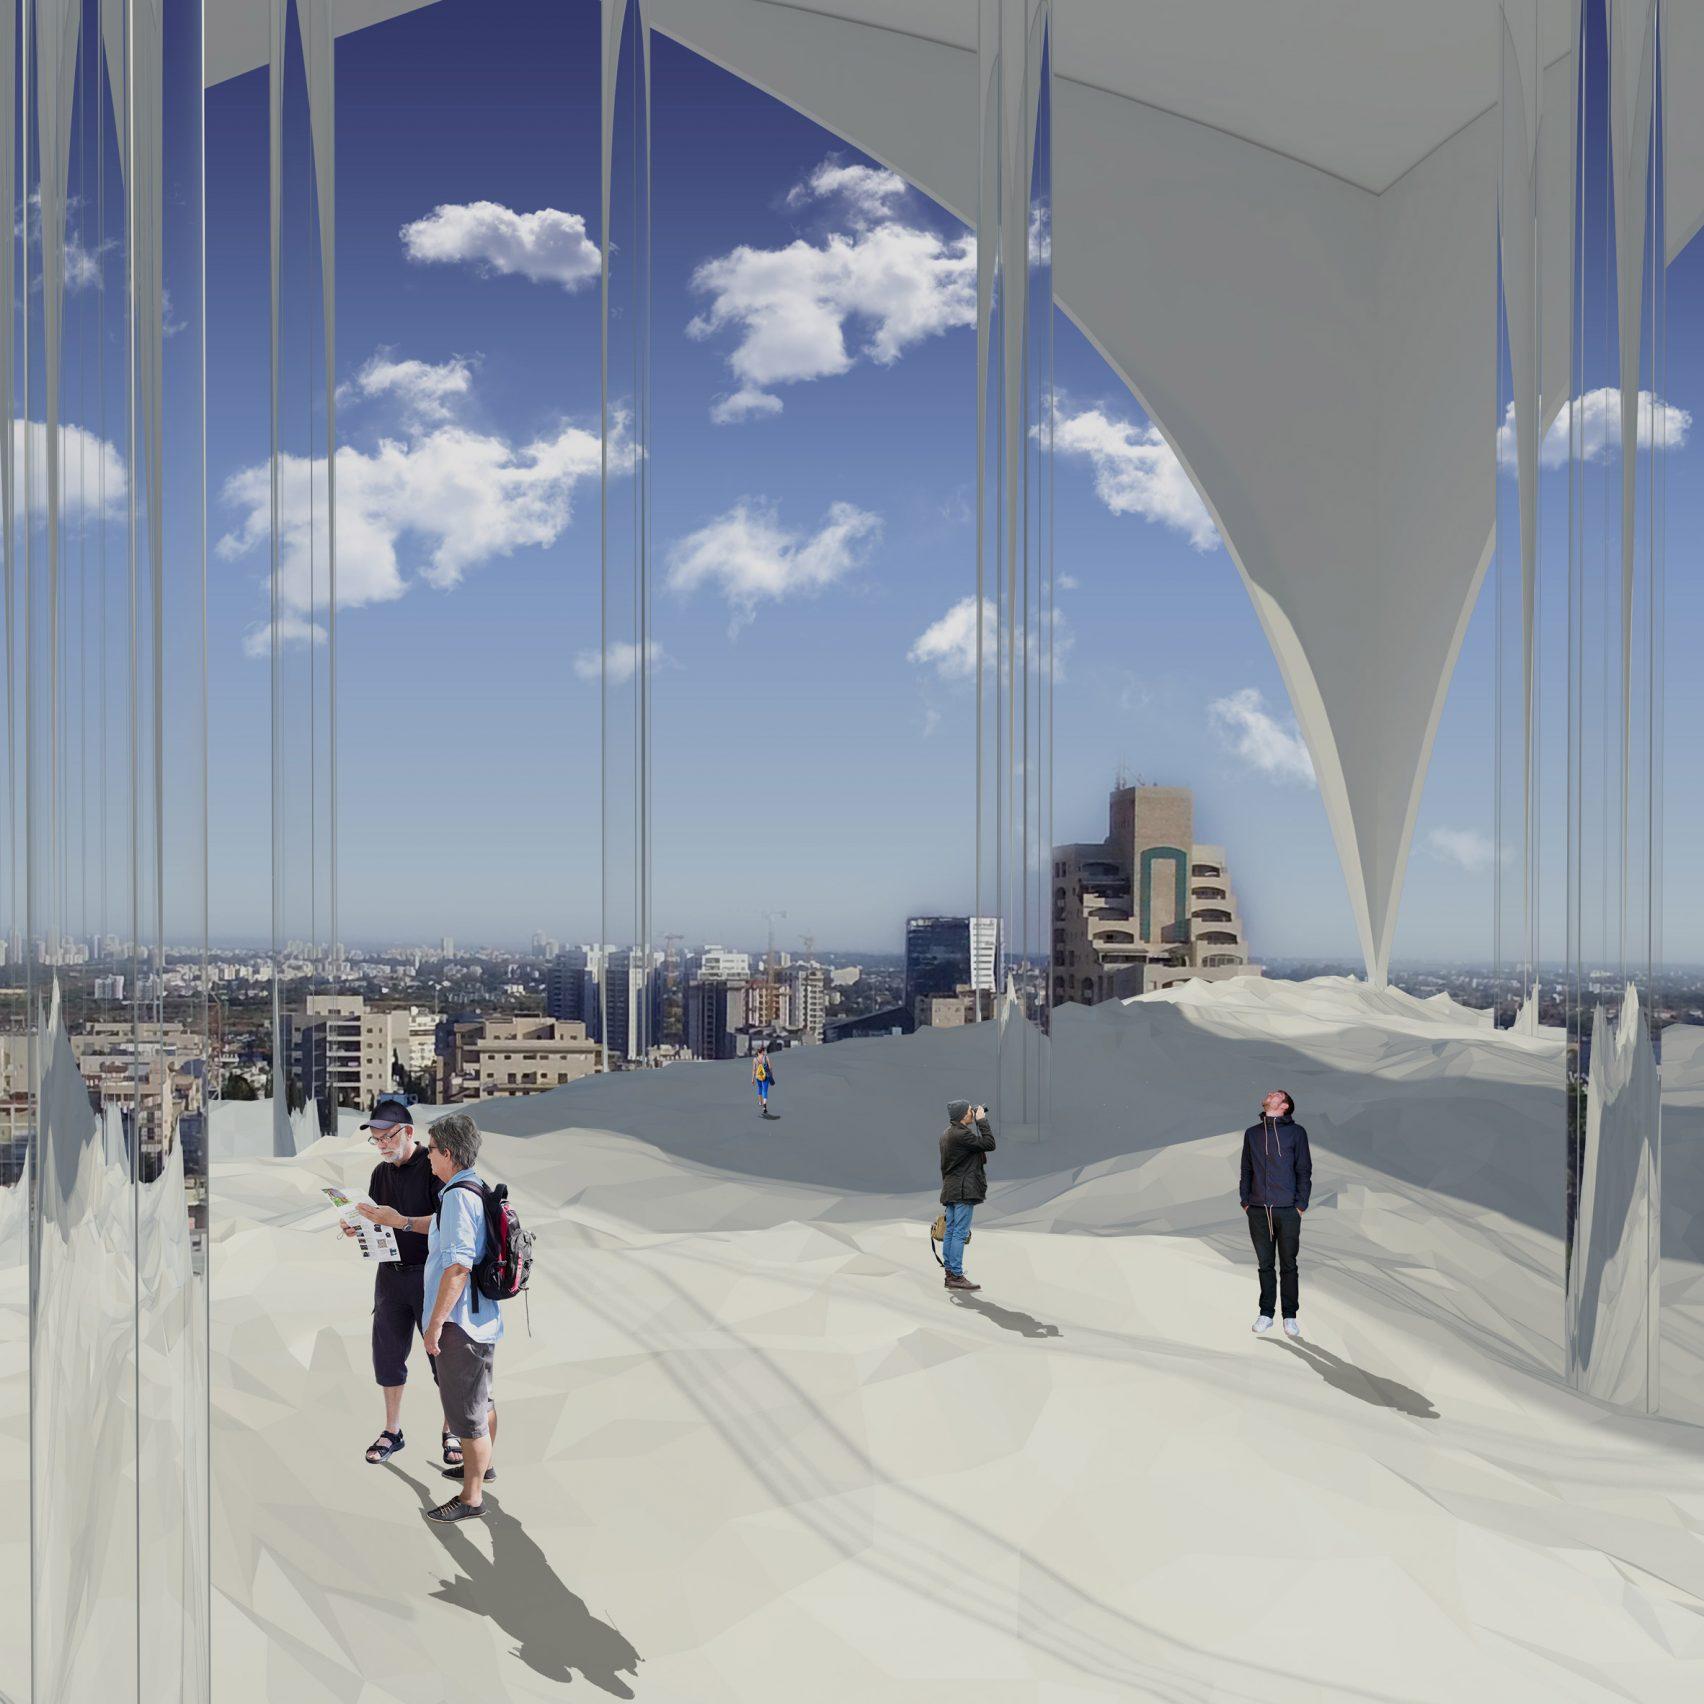 new-monumentalism-lilach-borenstein-architecture-3